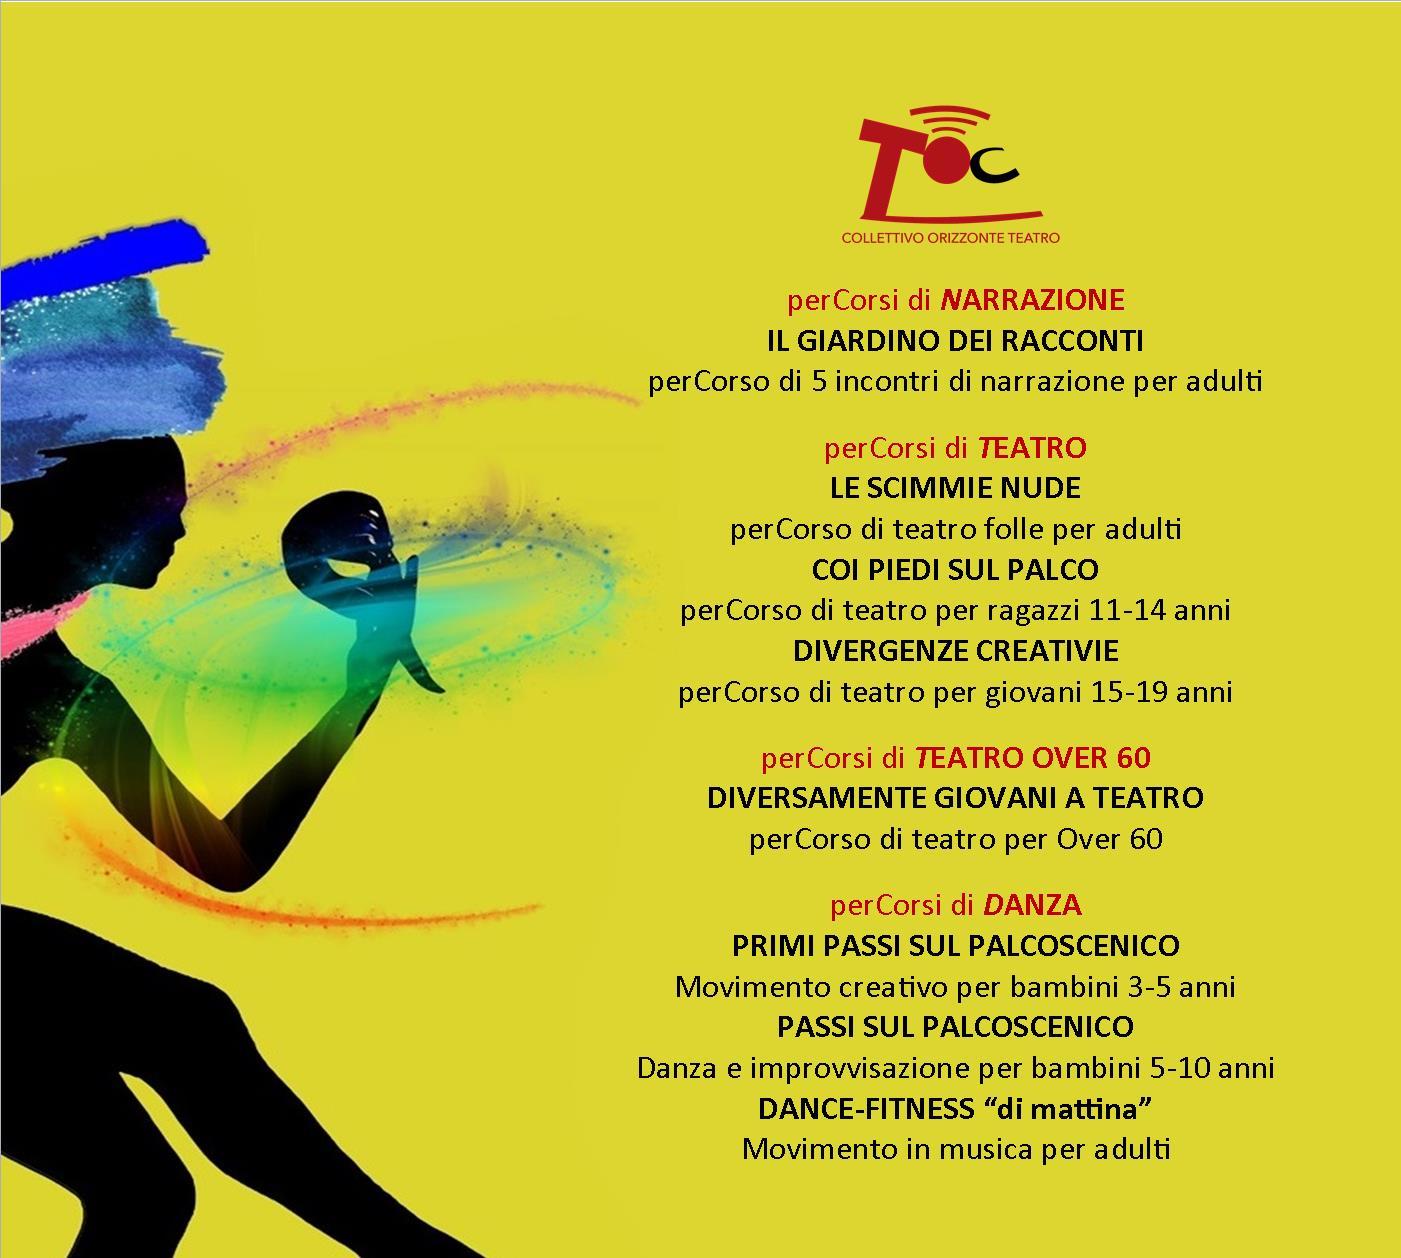 PerCorsi di Danza e Movimento per bambini e Dance Fitness per adulti